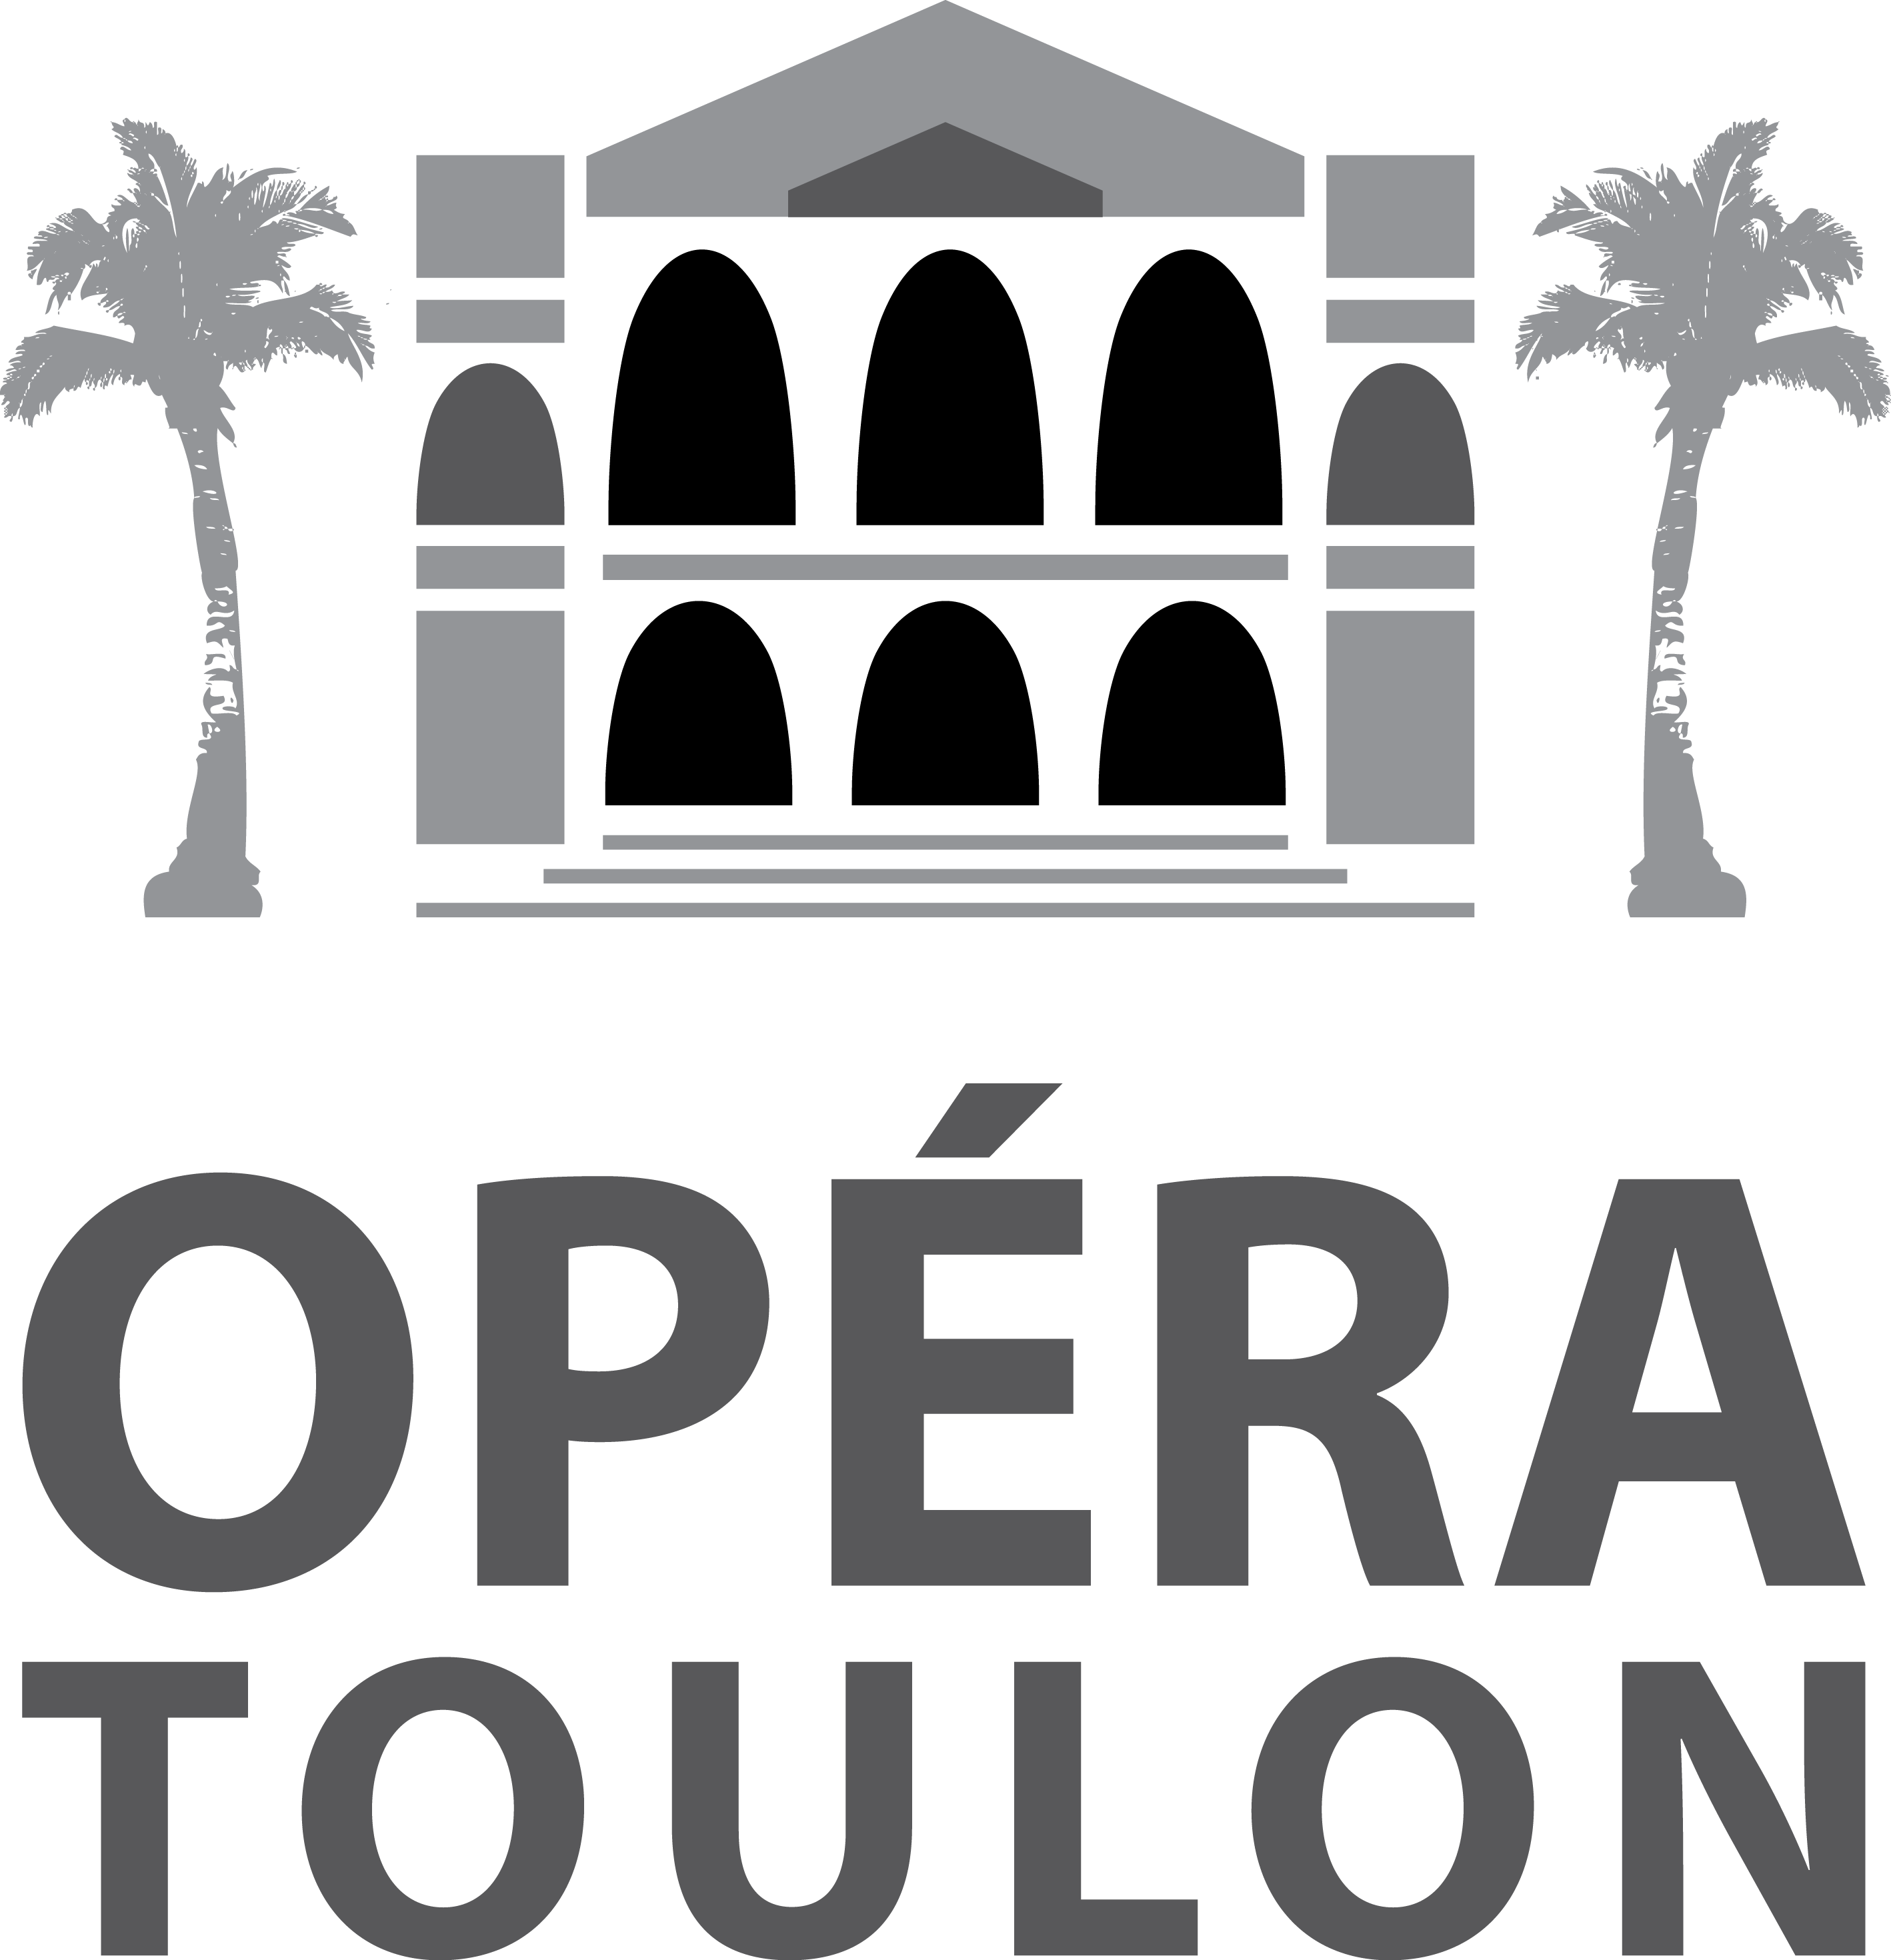 Opera Toulon NB v2